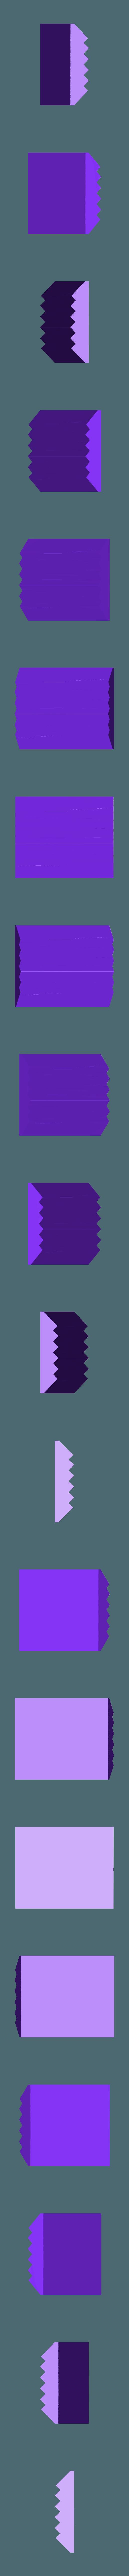 broom_hanger_grip.stl Télécharger fichier STL gratuit cintre à balais • Design pour impression 3D, Punisher_4u